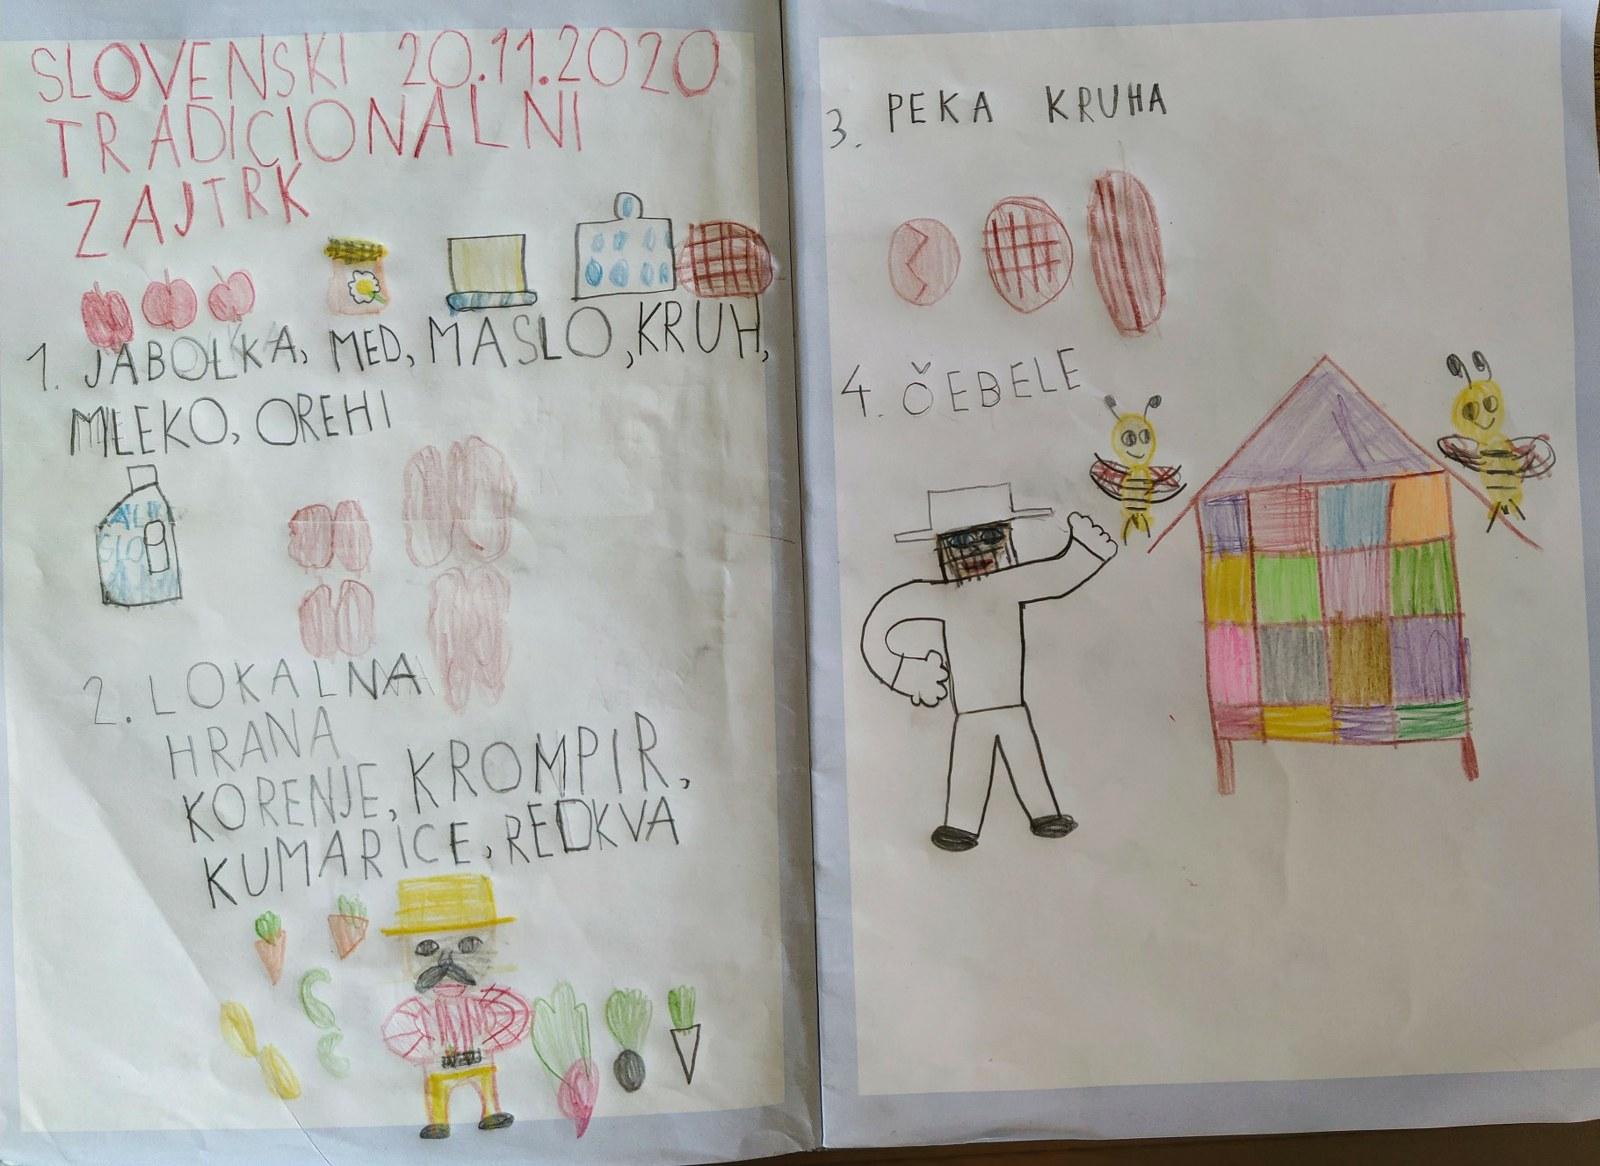 2020_11_20_tradicionalni_slovenski_zajtrk_-20